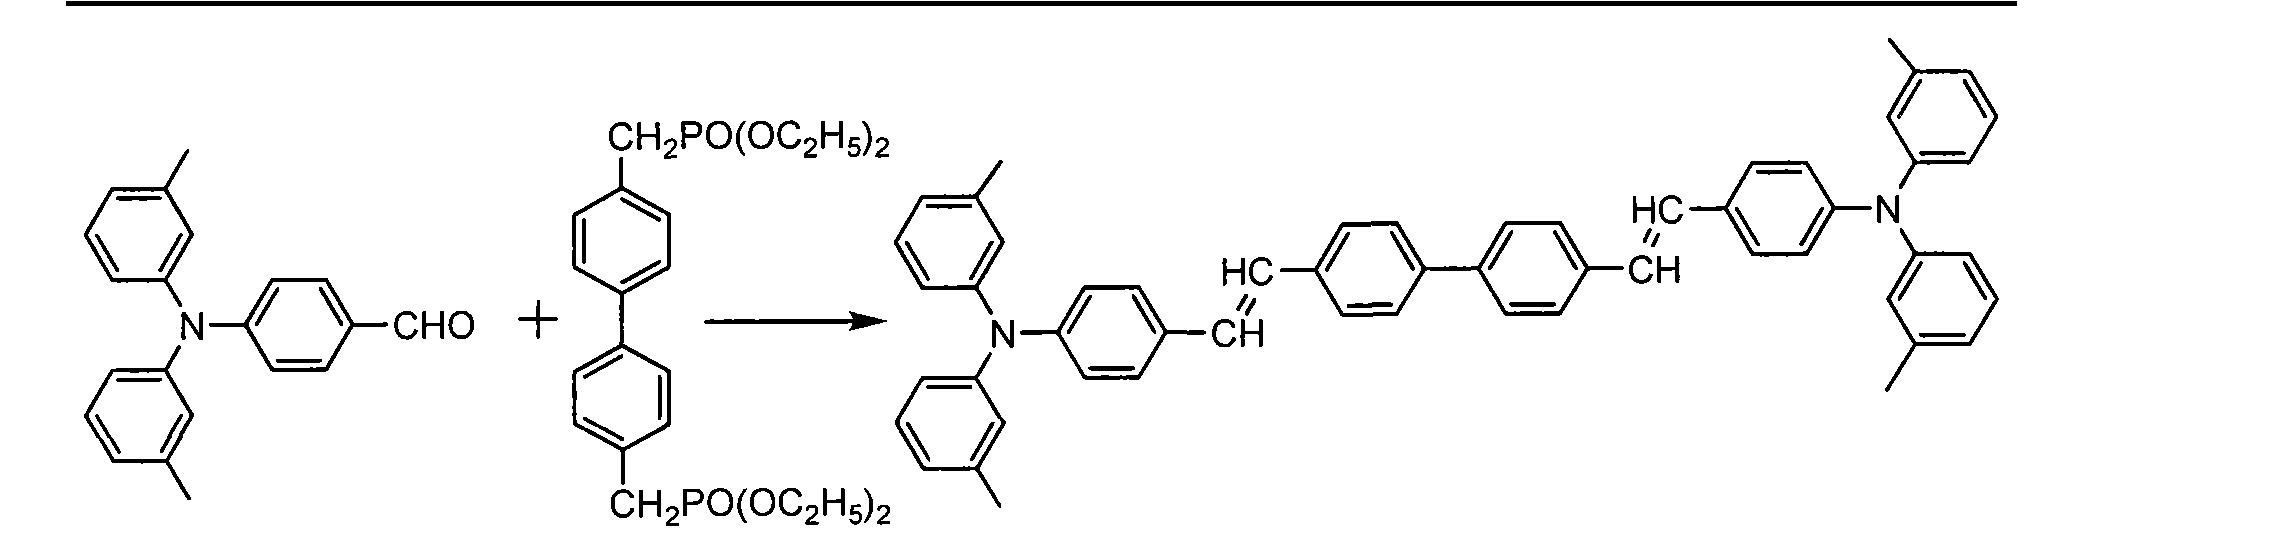 [0013] 包括以下步骤:在常温下将N,N-二(3-甲基苯基)-4_氨基苯甲醛、4,4 - 二苄基磷酸二乙酯联苯、叔丁醇钠和N,N-二甲基乙酰胺加入反应瓶中,搅拌溶解后,将反应瓶放入微波化学反应器中,在微波辐射功率为800W反应3〜lOmin,冷却至室温后,将反应液倒入IOOmL甲醇中,过滤,所得到的滤饼用甲苯重结晶后得到4,4 -双[4-( 二间甲苯基氨基)苯乙烯基]联苯,其中4,4_ 二苄基磷酸二乙酯联苯、N,N-二(3-甲基苯基)-4-氨基苯甲醛与叔丁醇钠的摩尔比为I : 2〜3 : 2〜3